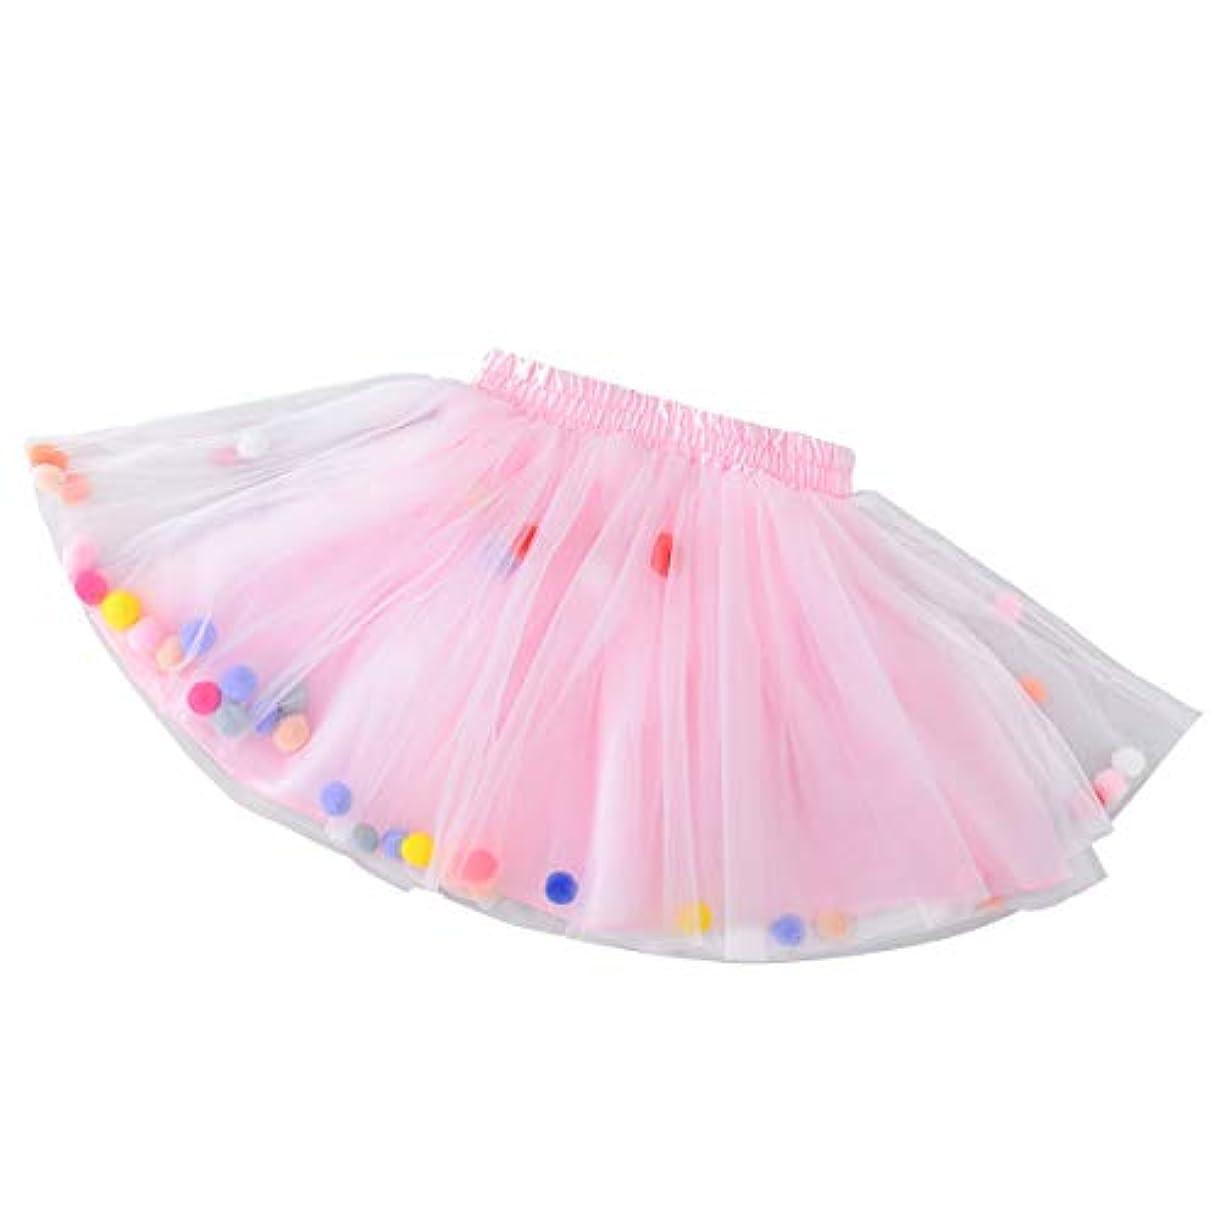 地中海バングすずめYeahiBaby 子供チュチュスカートラブリーピンクミディスカートカラフルなファジィボールガーゼスカートプリンセスドレス衣装用女の子(サイズm)